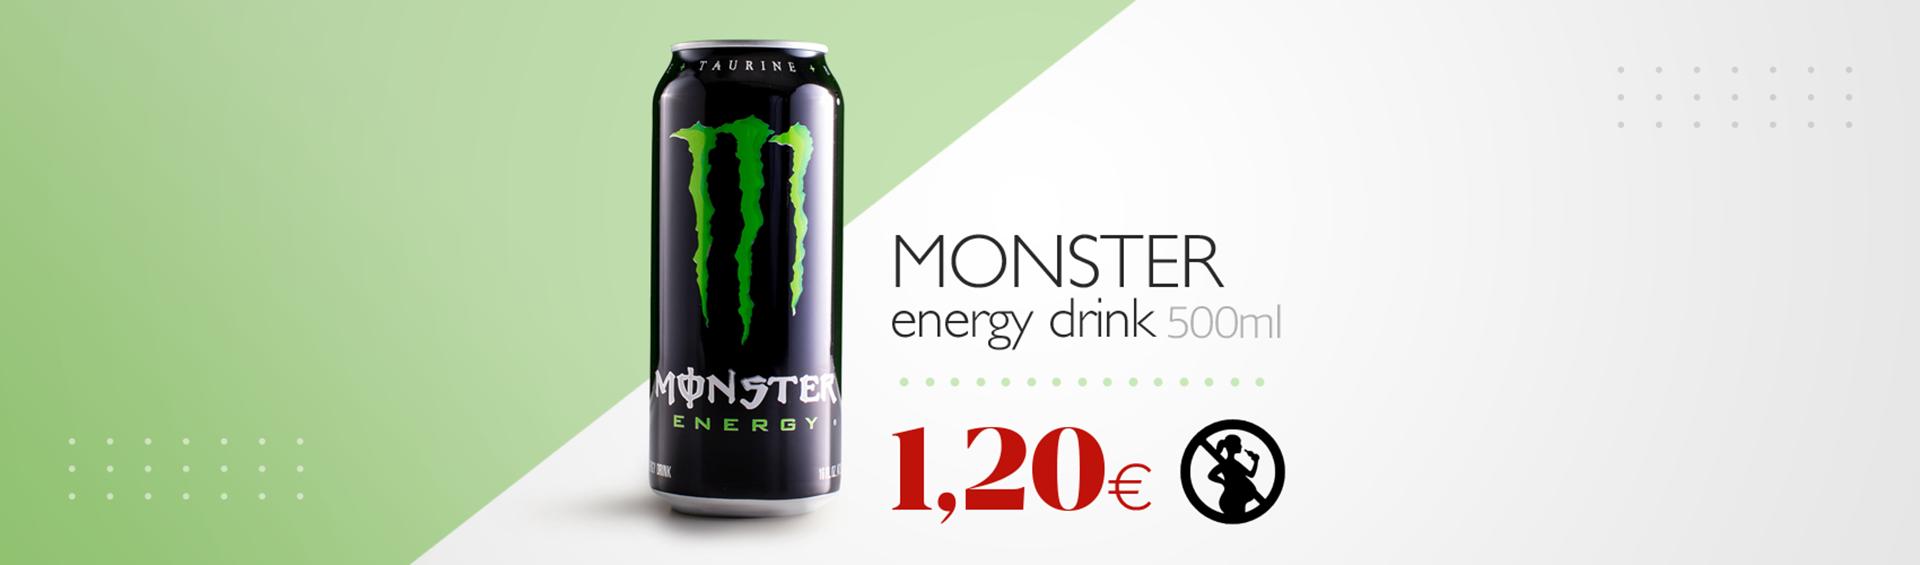 05 monster